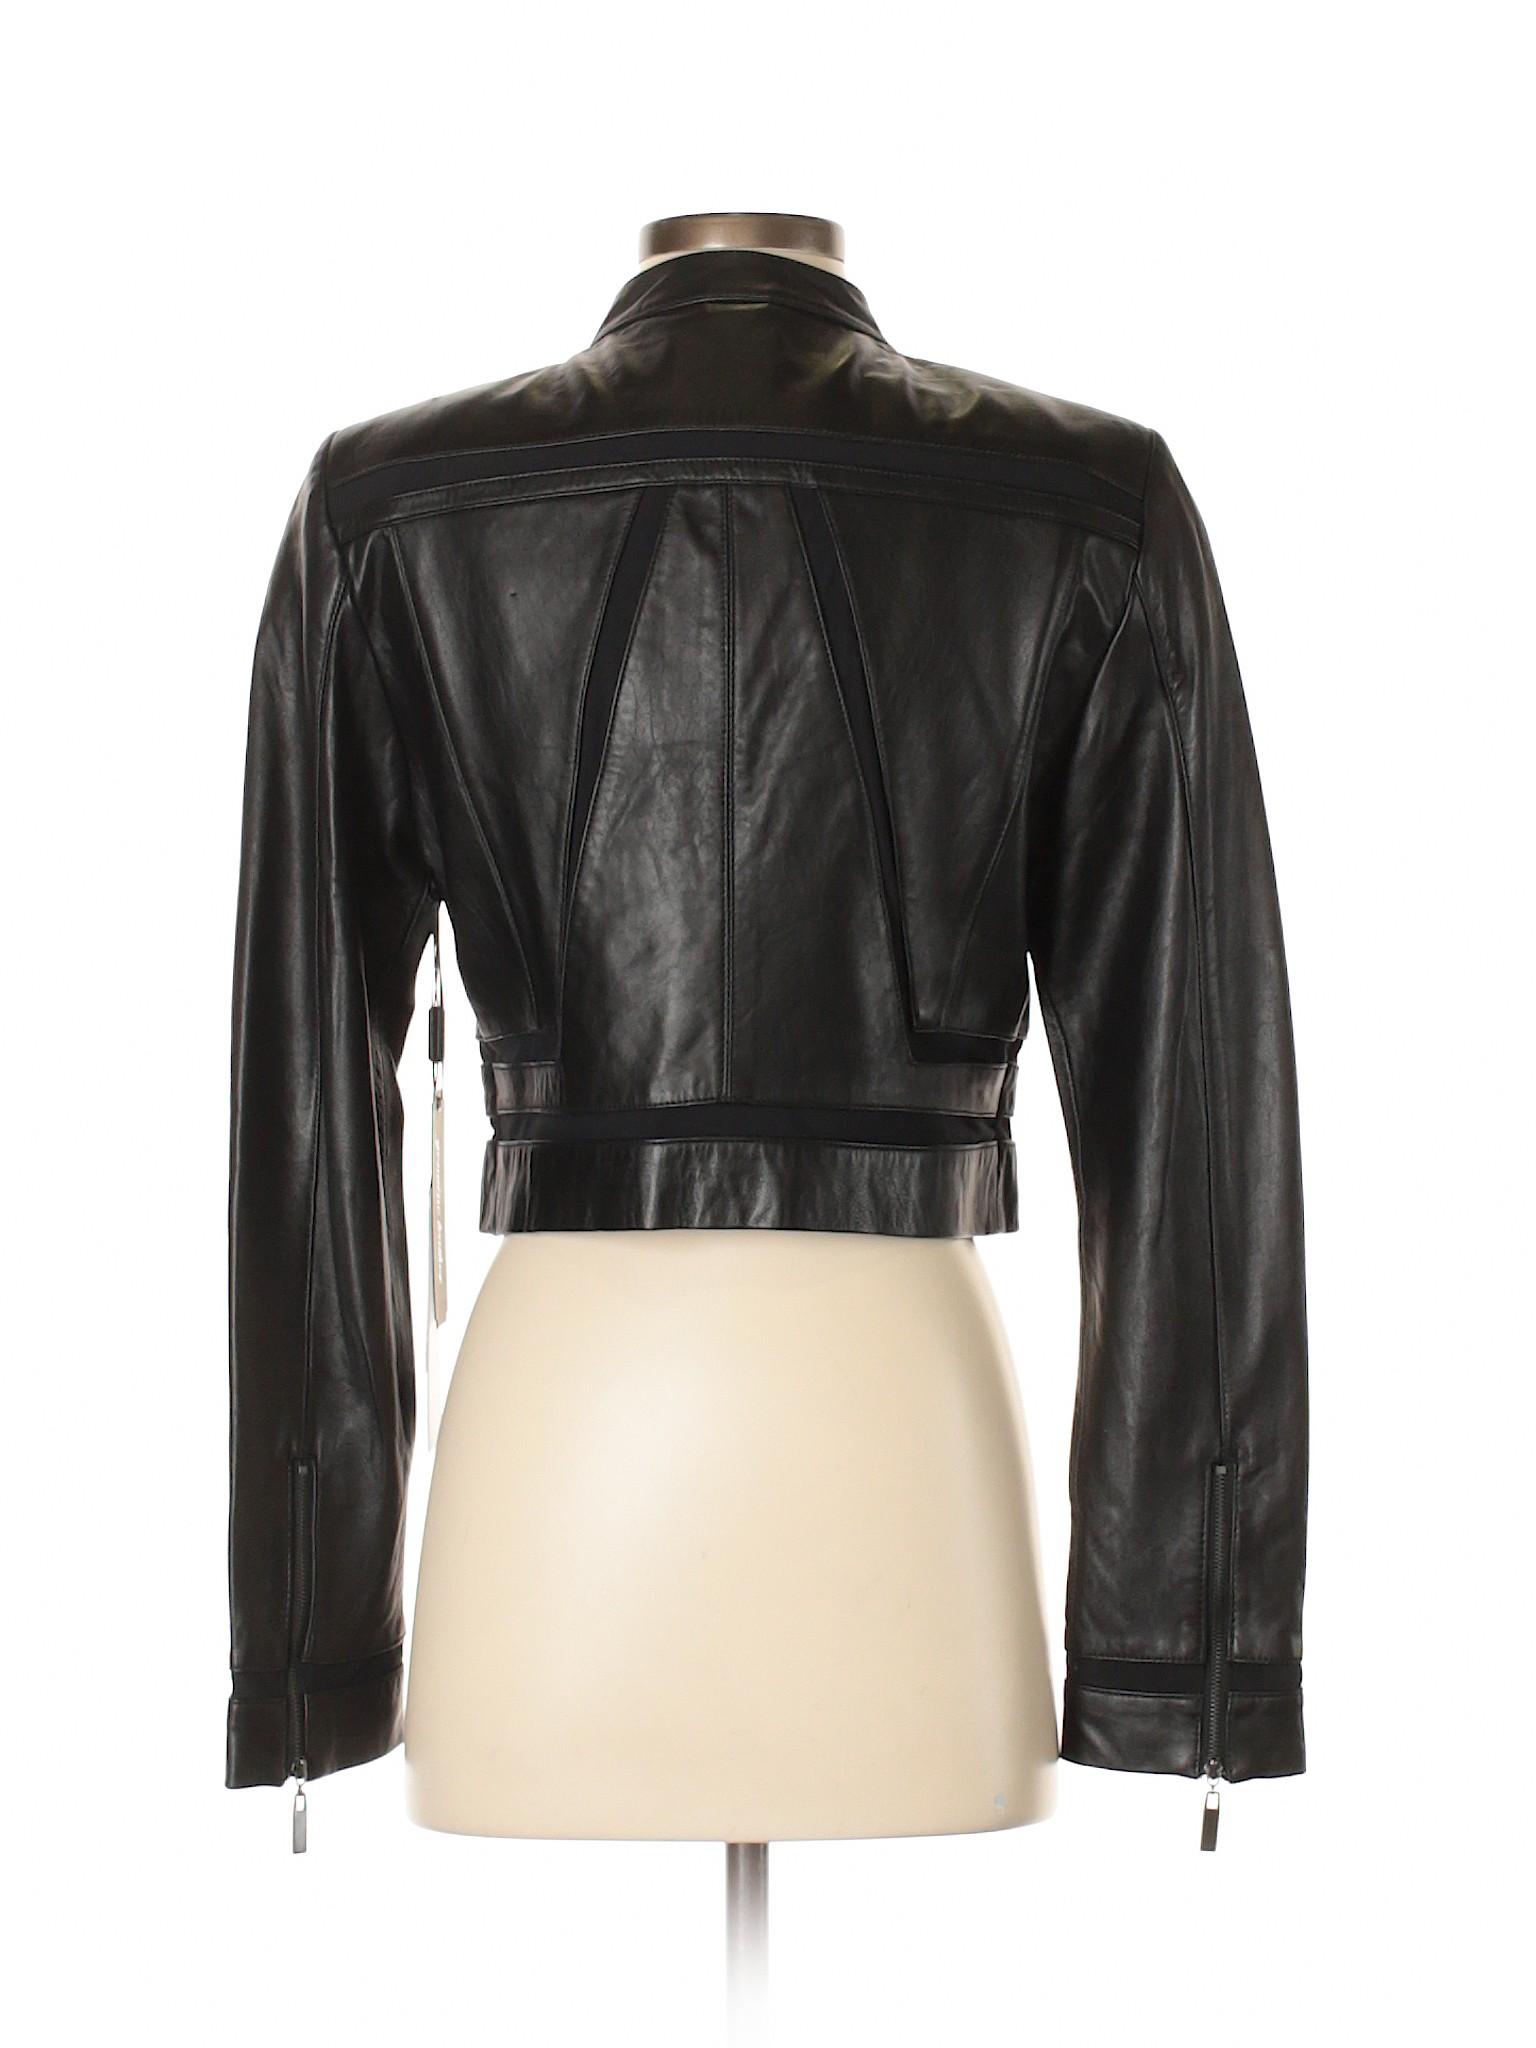 Leather Boutique Boutique Bebe Jacket leisure Jacket Jacket Bebe leisure Bebe Leather Leather Boutique leisure wpZ8nUqA